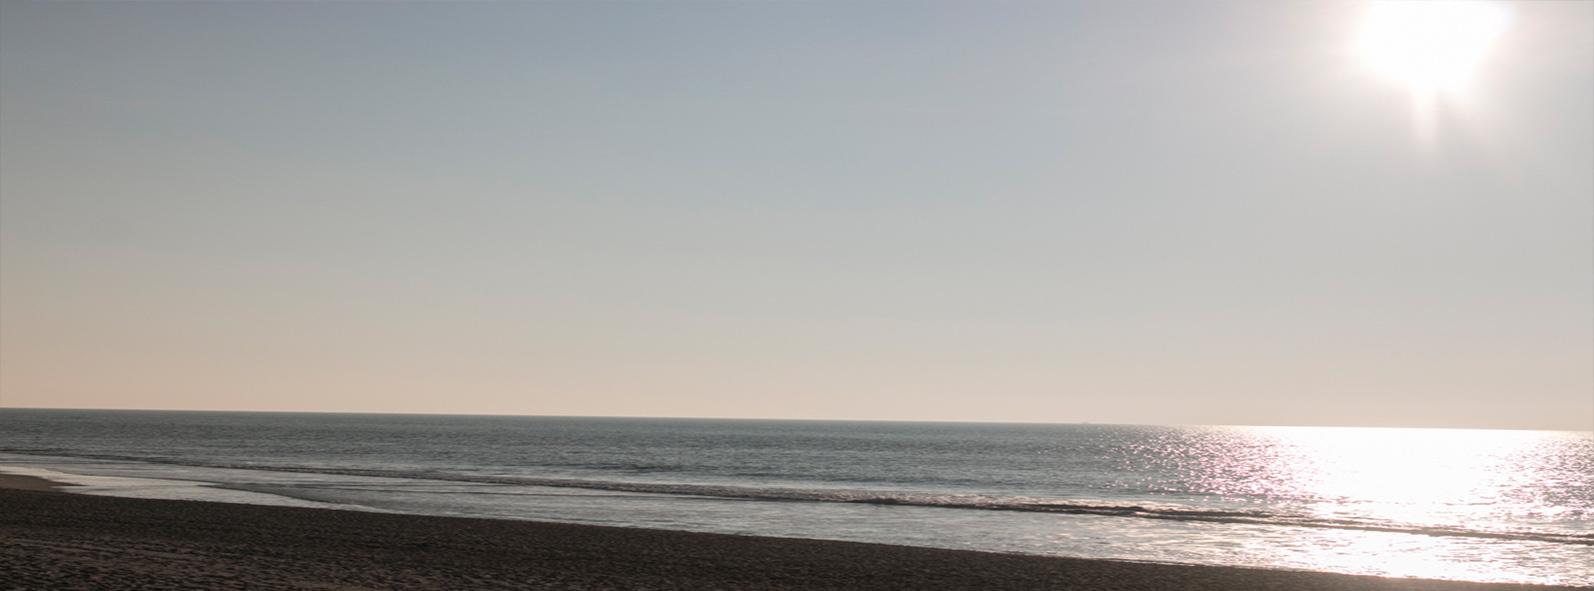 Sylt Strand und Meer